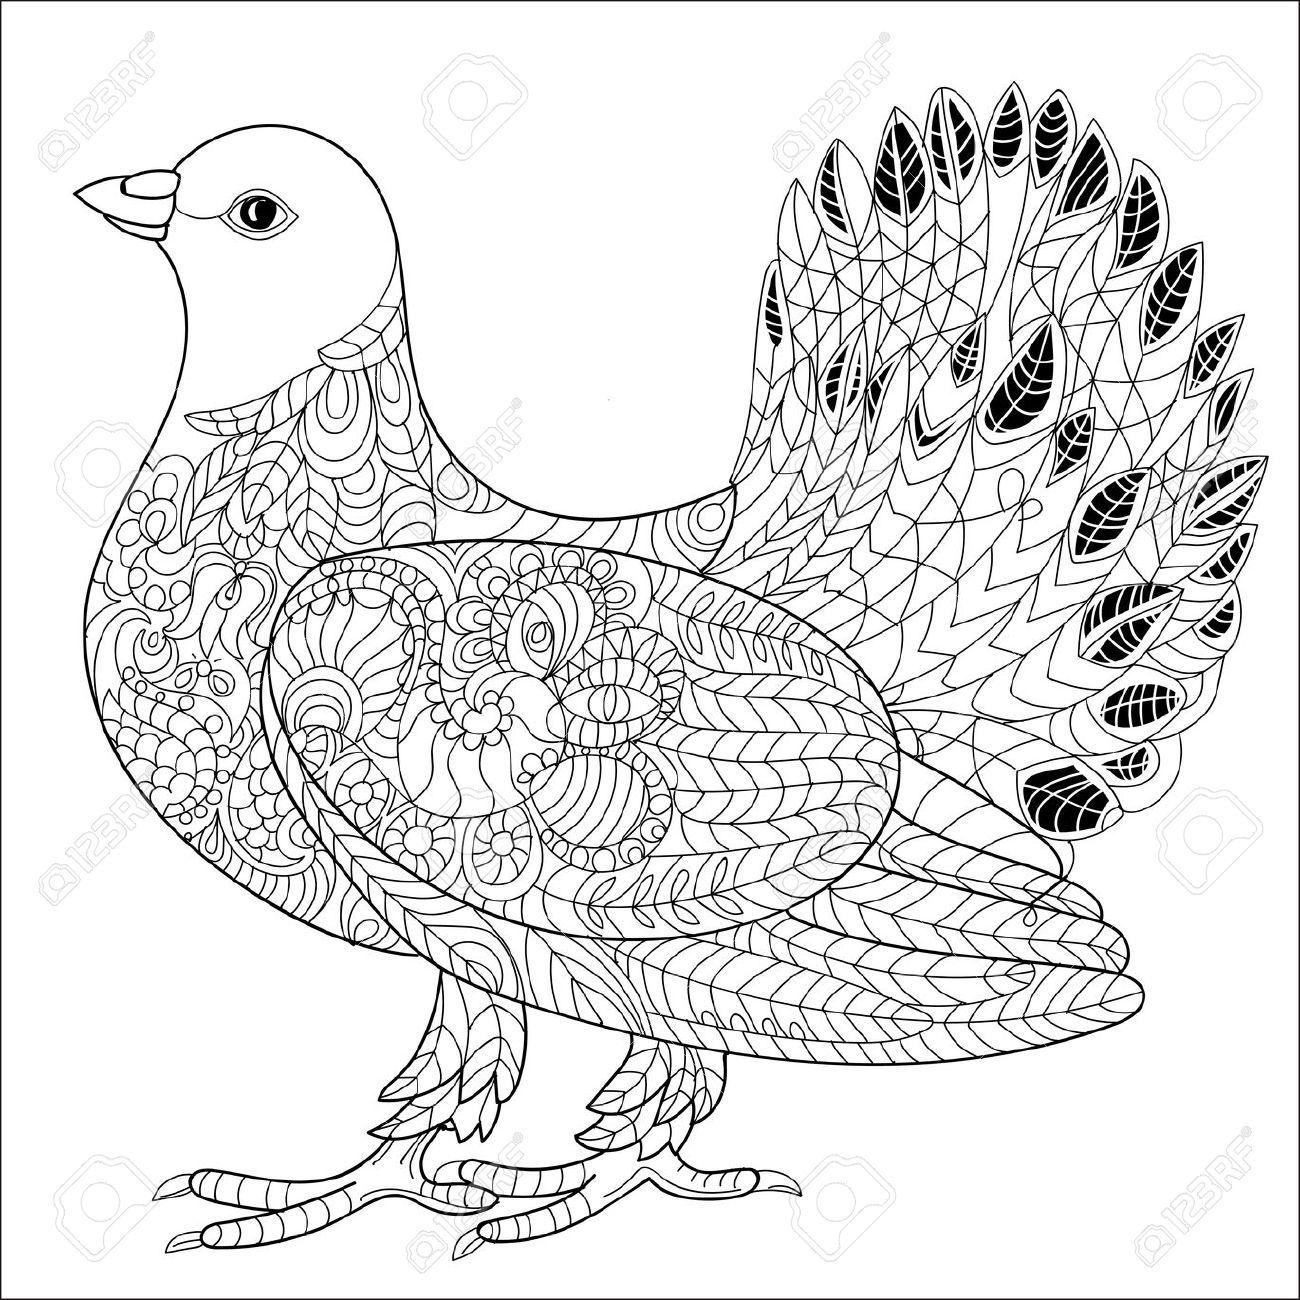 Lujo Libro De Colorear De Pájaro Enojado Fotos - Dibujos Para ...